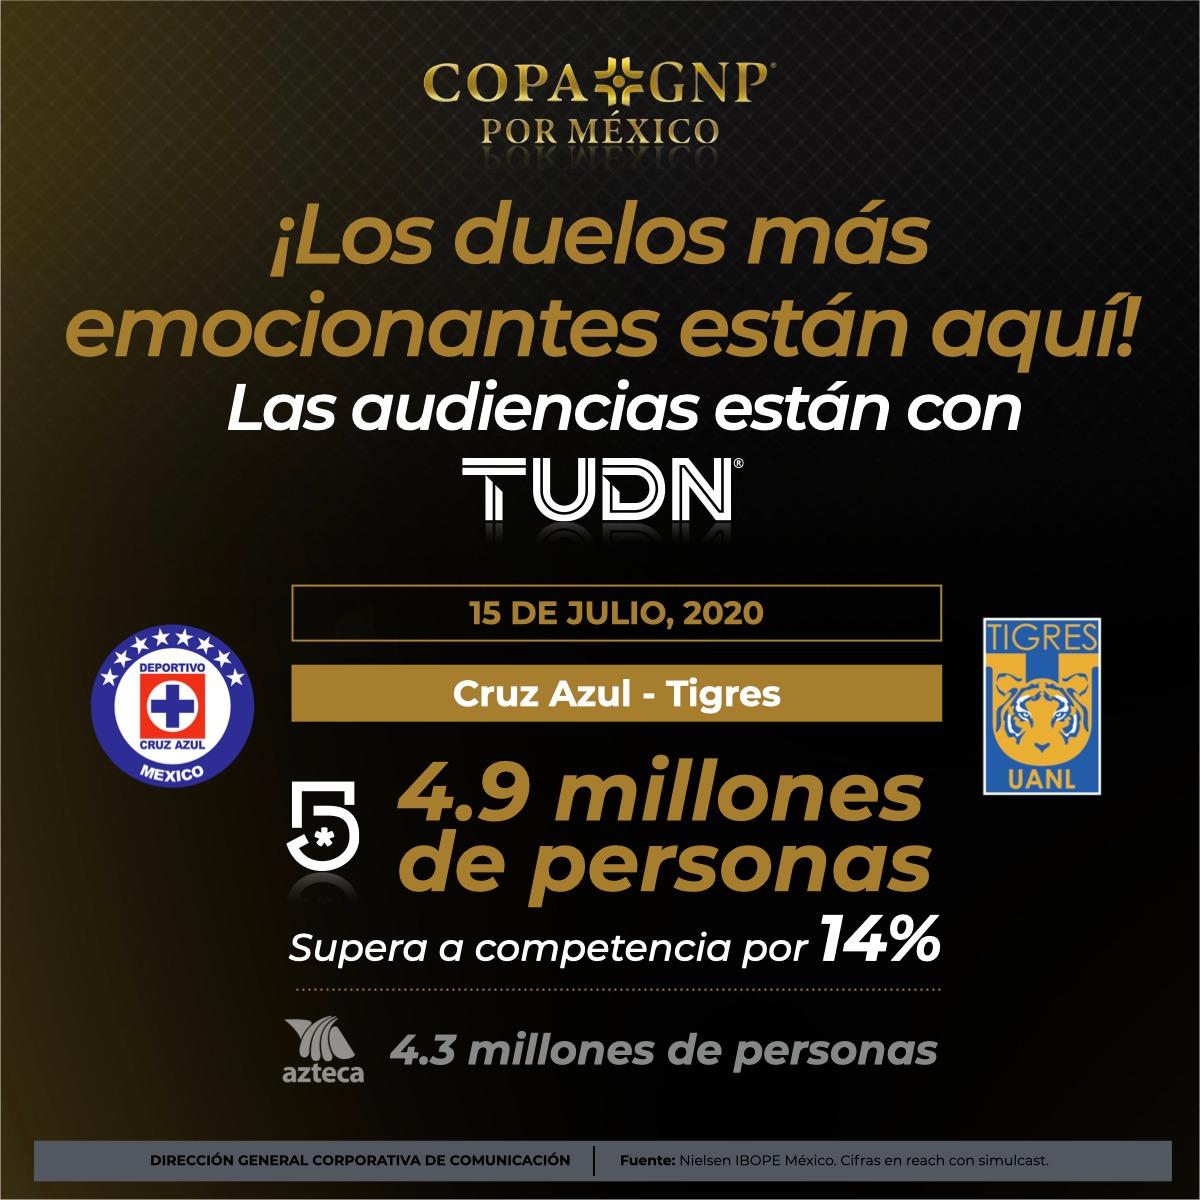 ¡Los duelos más emocionantes de la #CopaGNPPorMéxico!🏆🇲🇽  Las audiencias están aquí en @TUDNMEX, 4.9 millones de personas en @MiCanal5 superando a la competencia por 14%. 📺👑  ¡Muchas gracias por su preferencia, en #TUDN vivimos TU pasión!  #ContinuamosContigo | #TUDNTeAcompaña https://t.co/B1siut3qJj